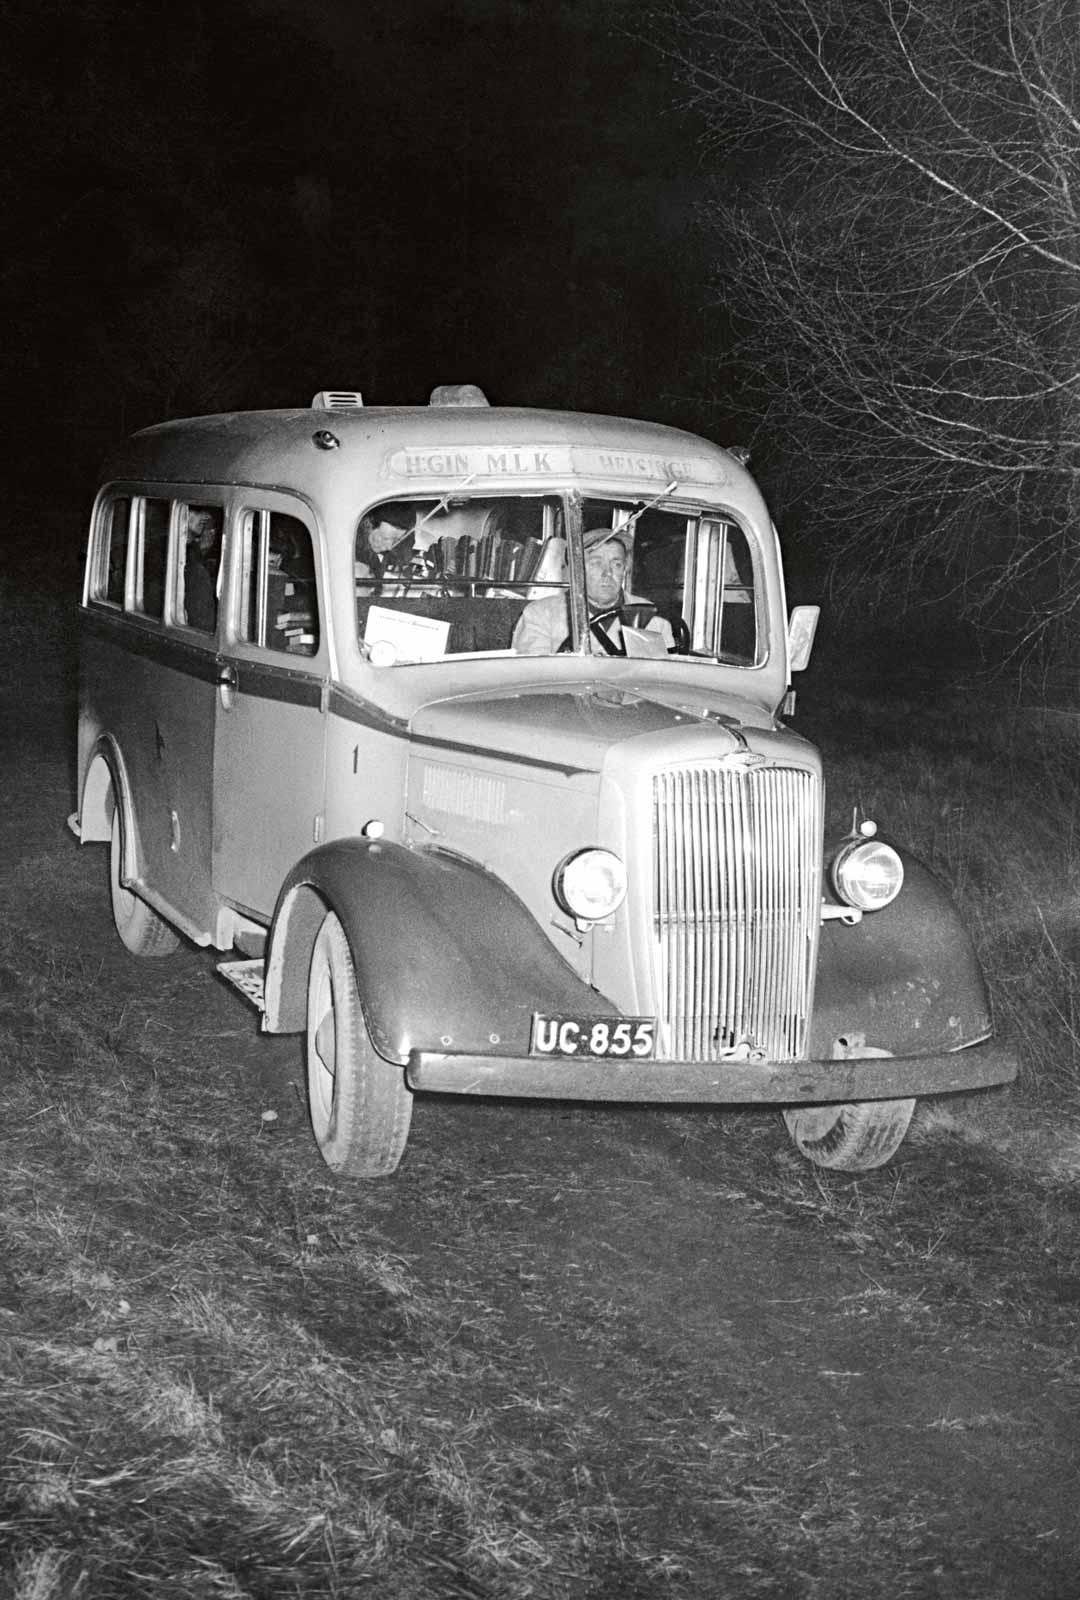 Kirjastoautot huristelivat syrjäisempiin paikkoihin jo vuonna 1954.